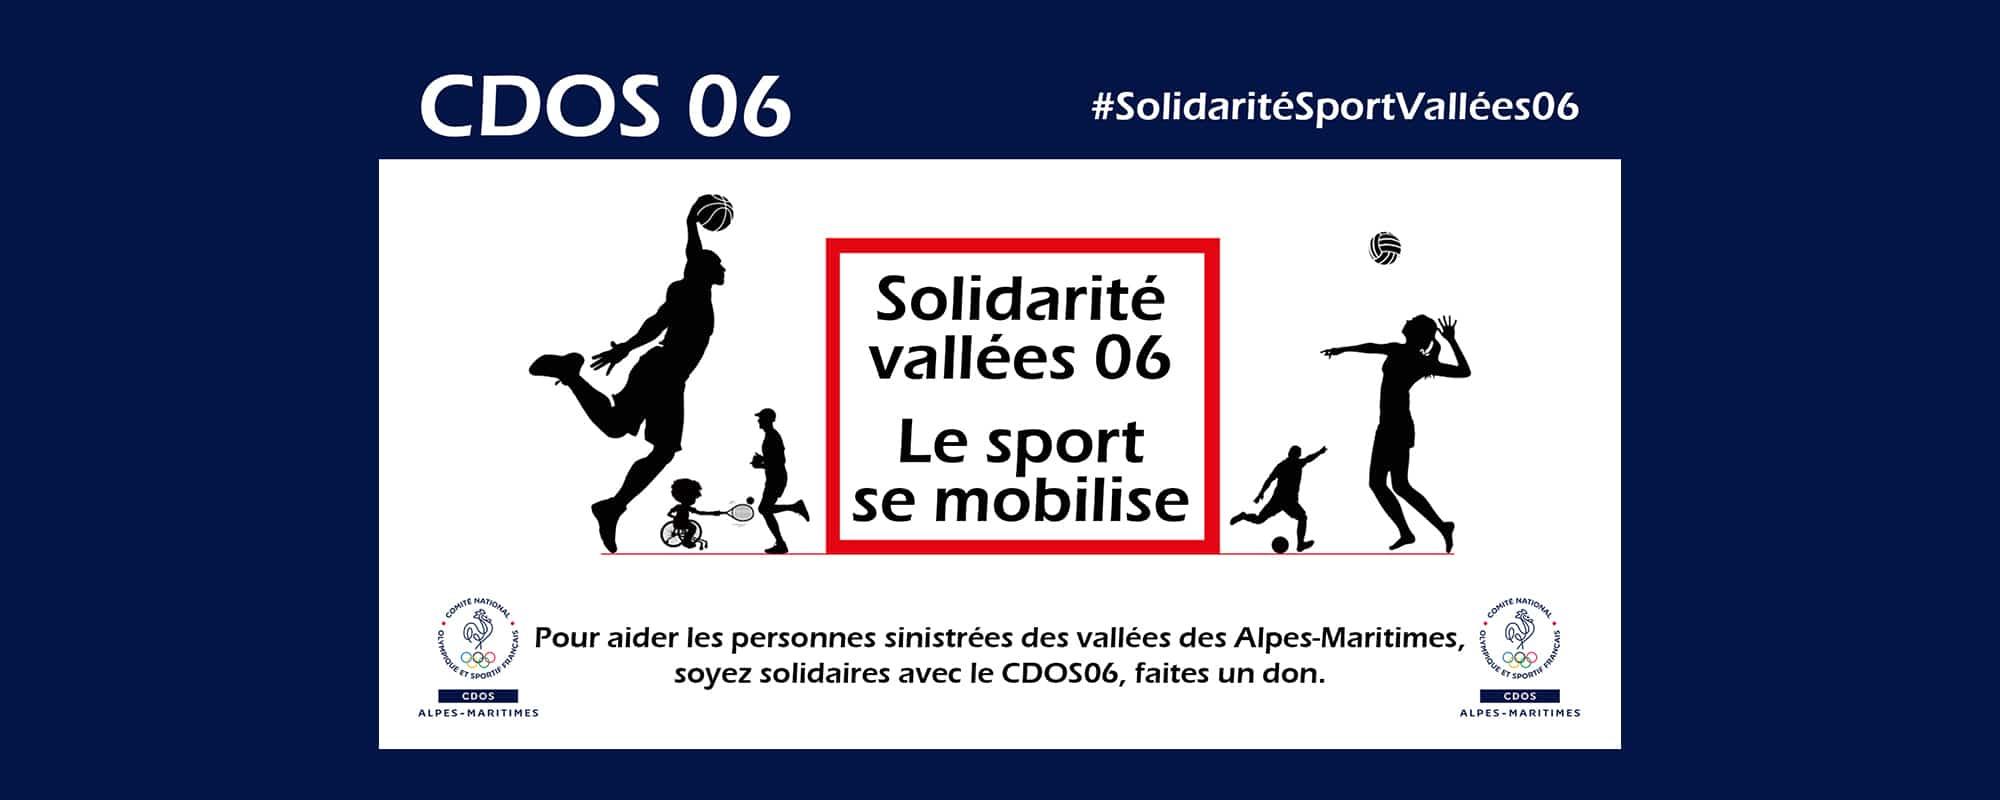 Solidarite CDOS 06